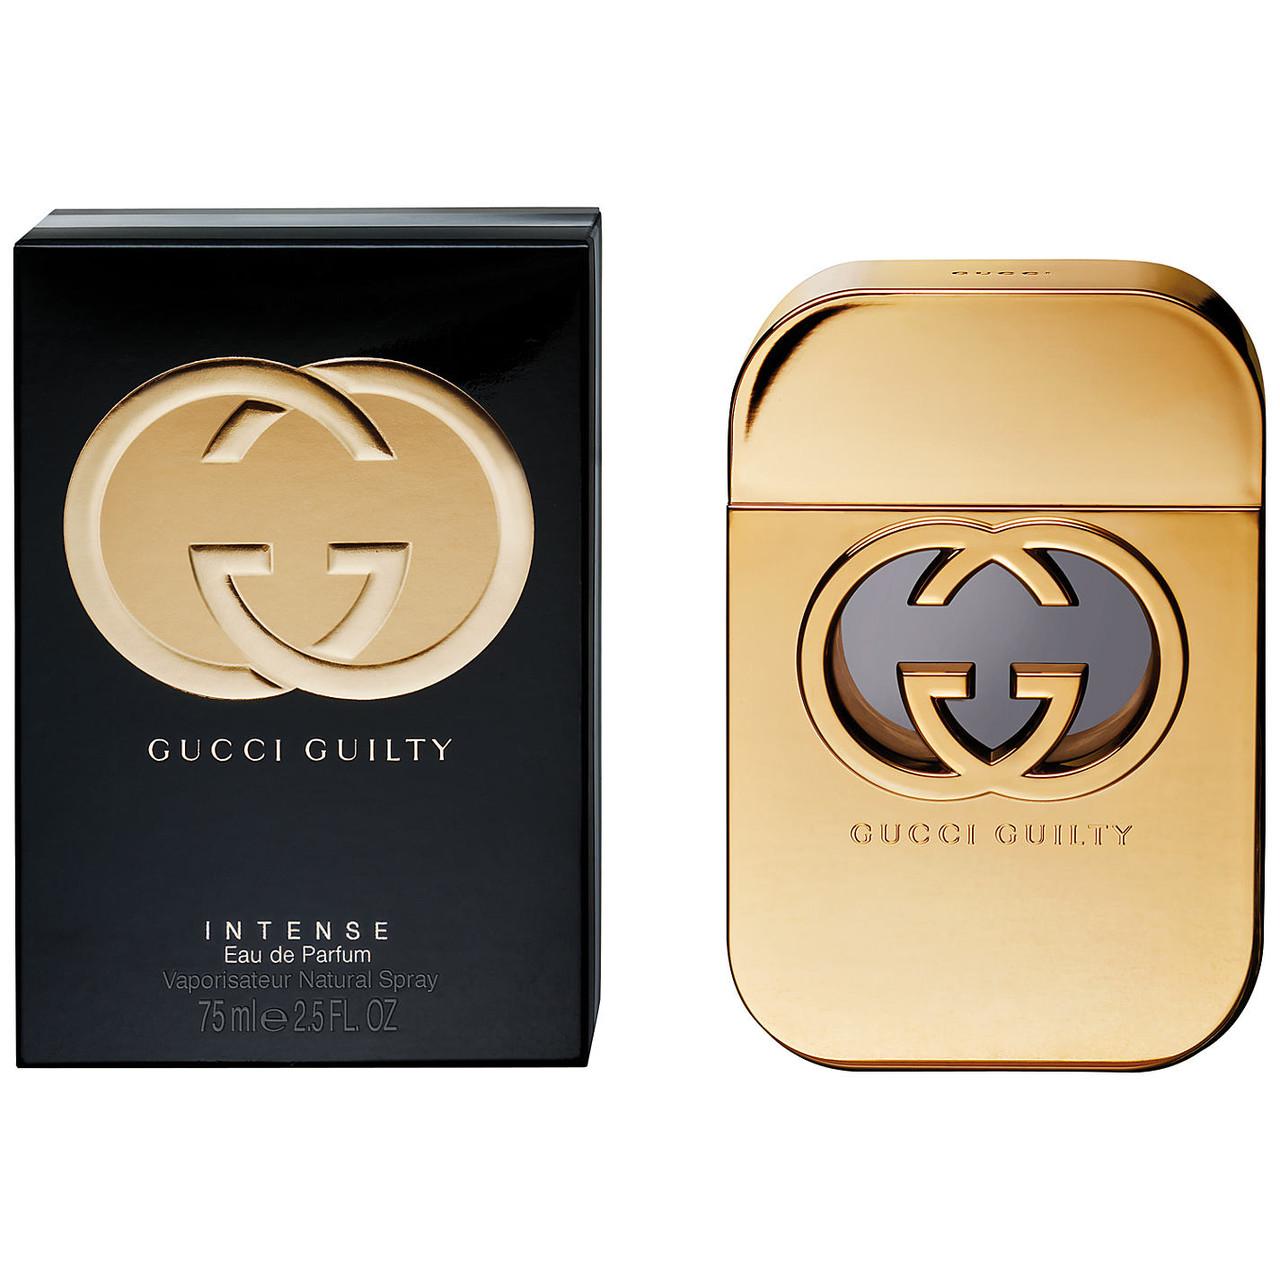 Gucci Guilty Eau De Parfum 75ml продажа цена в харькове